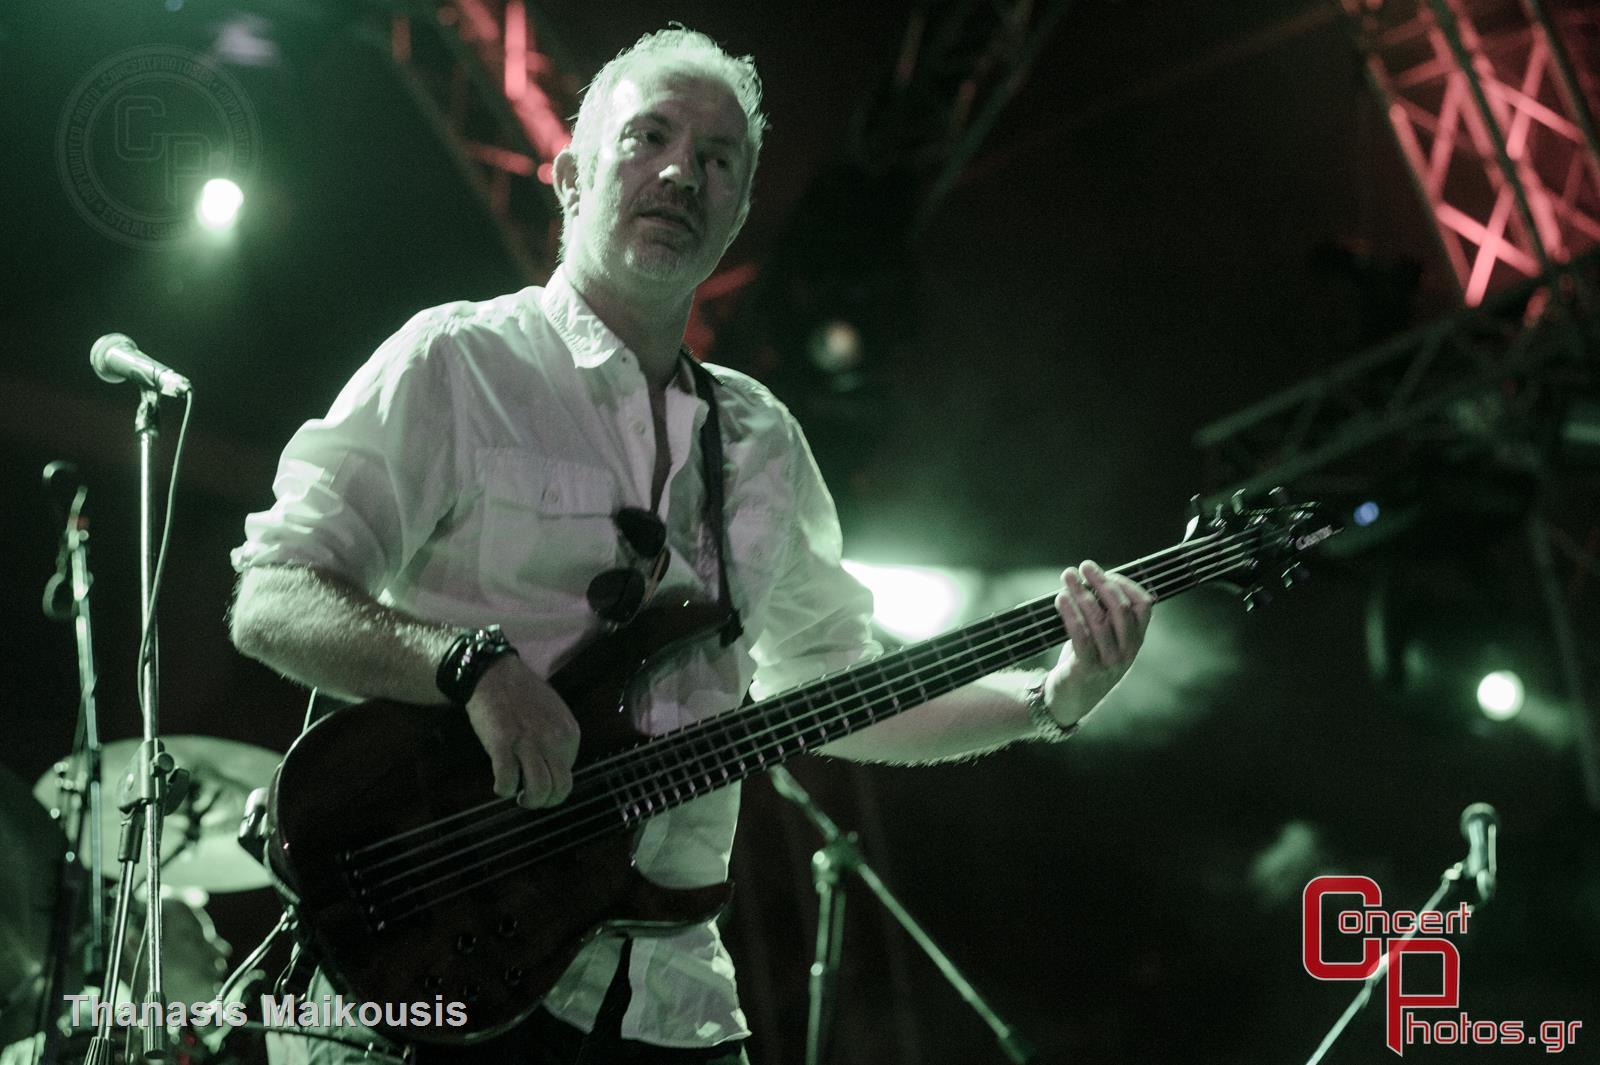 En Lefko 2014-En Lefko 2014 photographer: Thanasis Maikousis - concertphotos_20140621_23_05_53